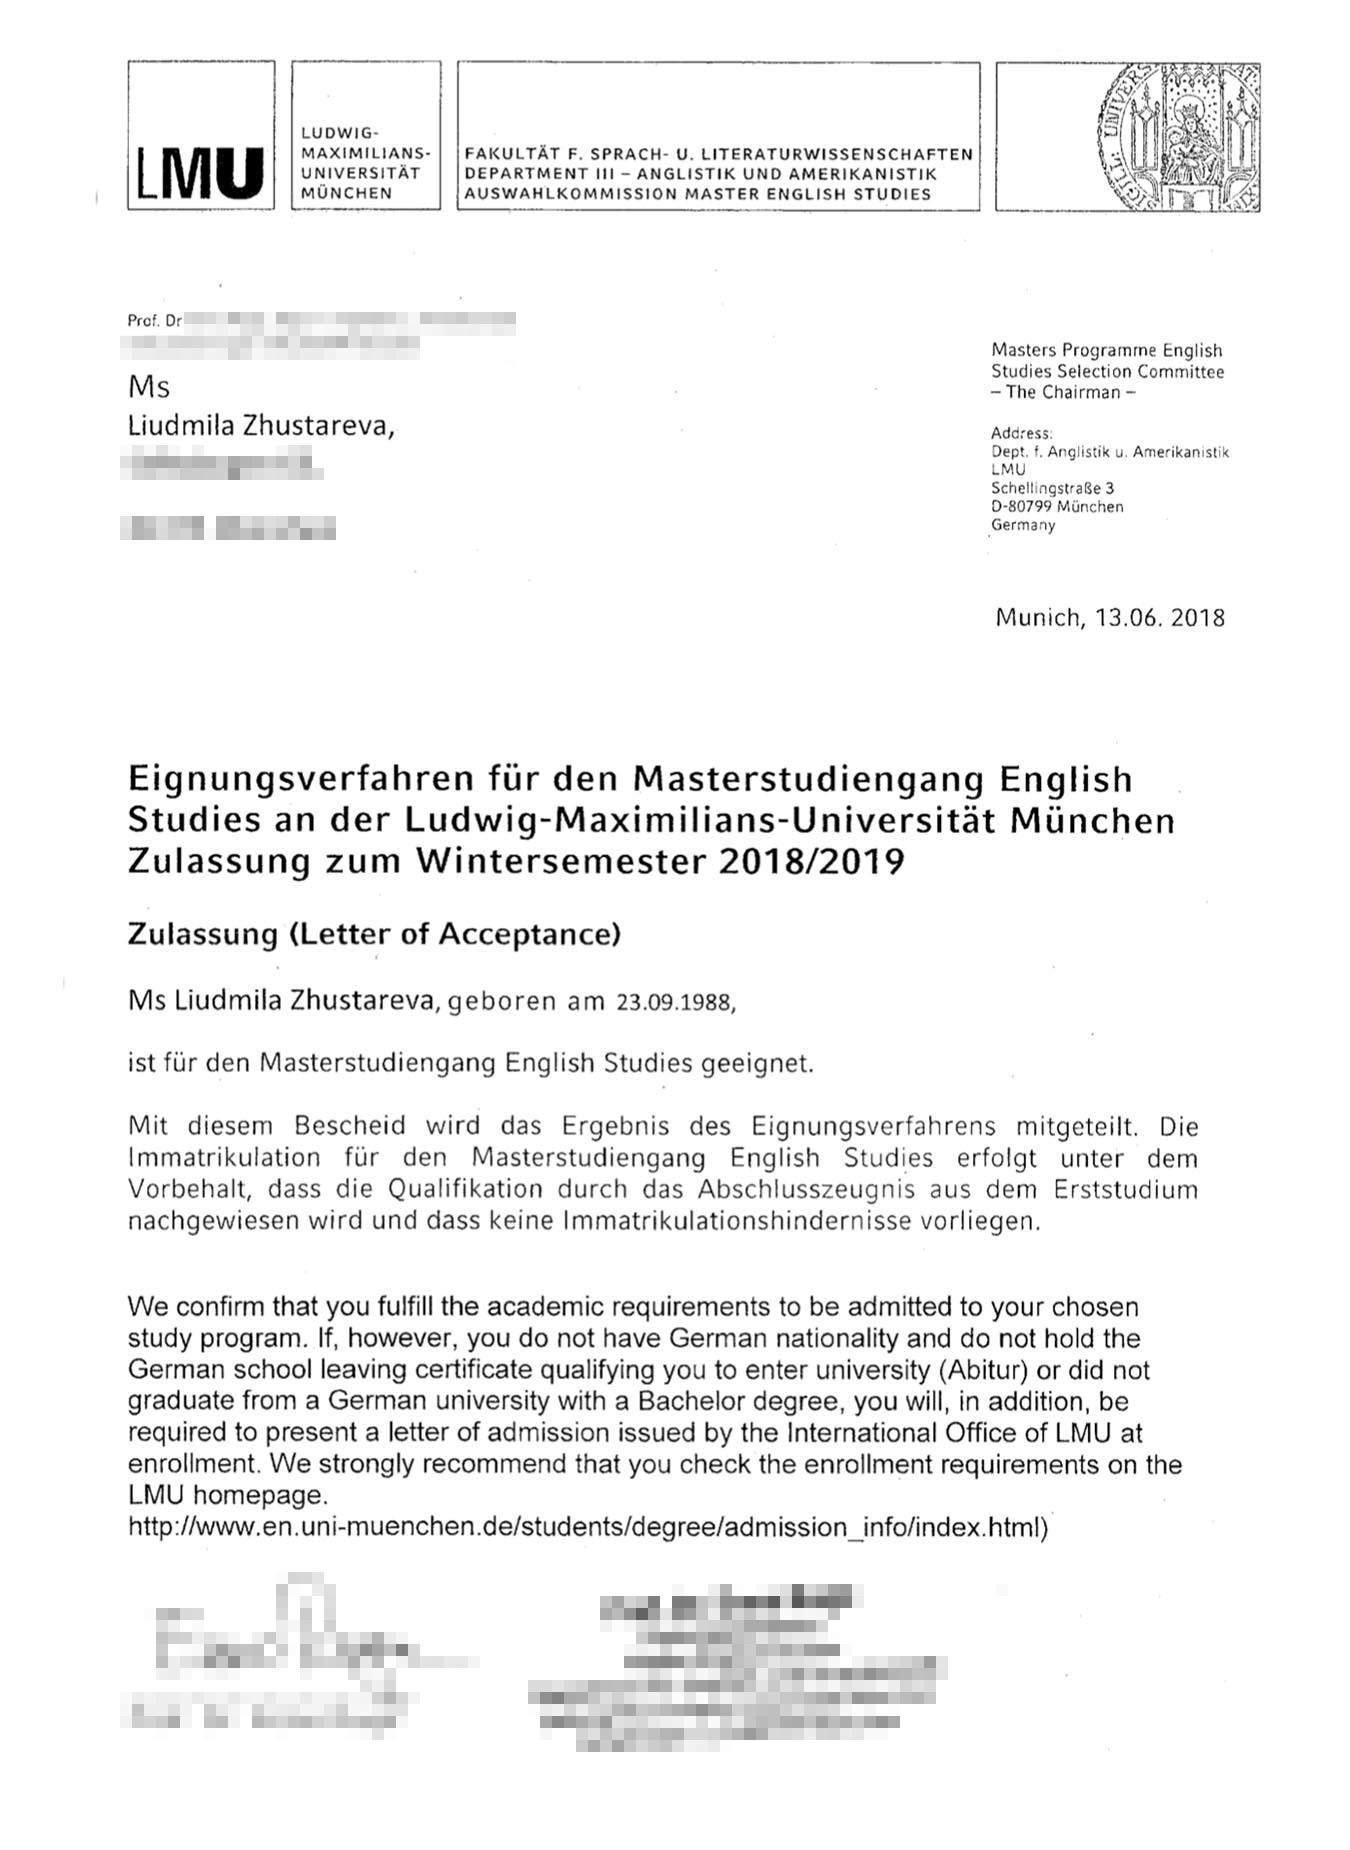 Заветное решение вуза о поступлении — меня пригласили стать студенткой Университета Людвига Максимилиана в Мюнхене